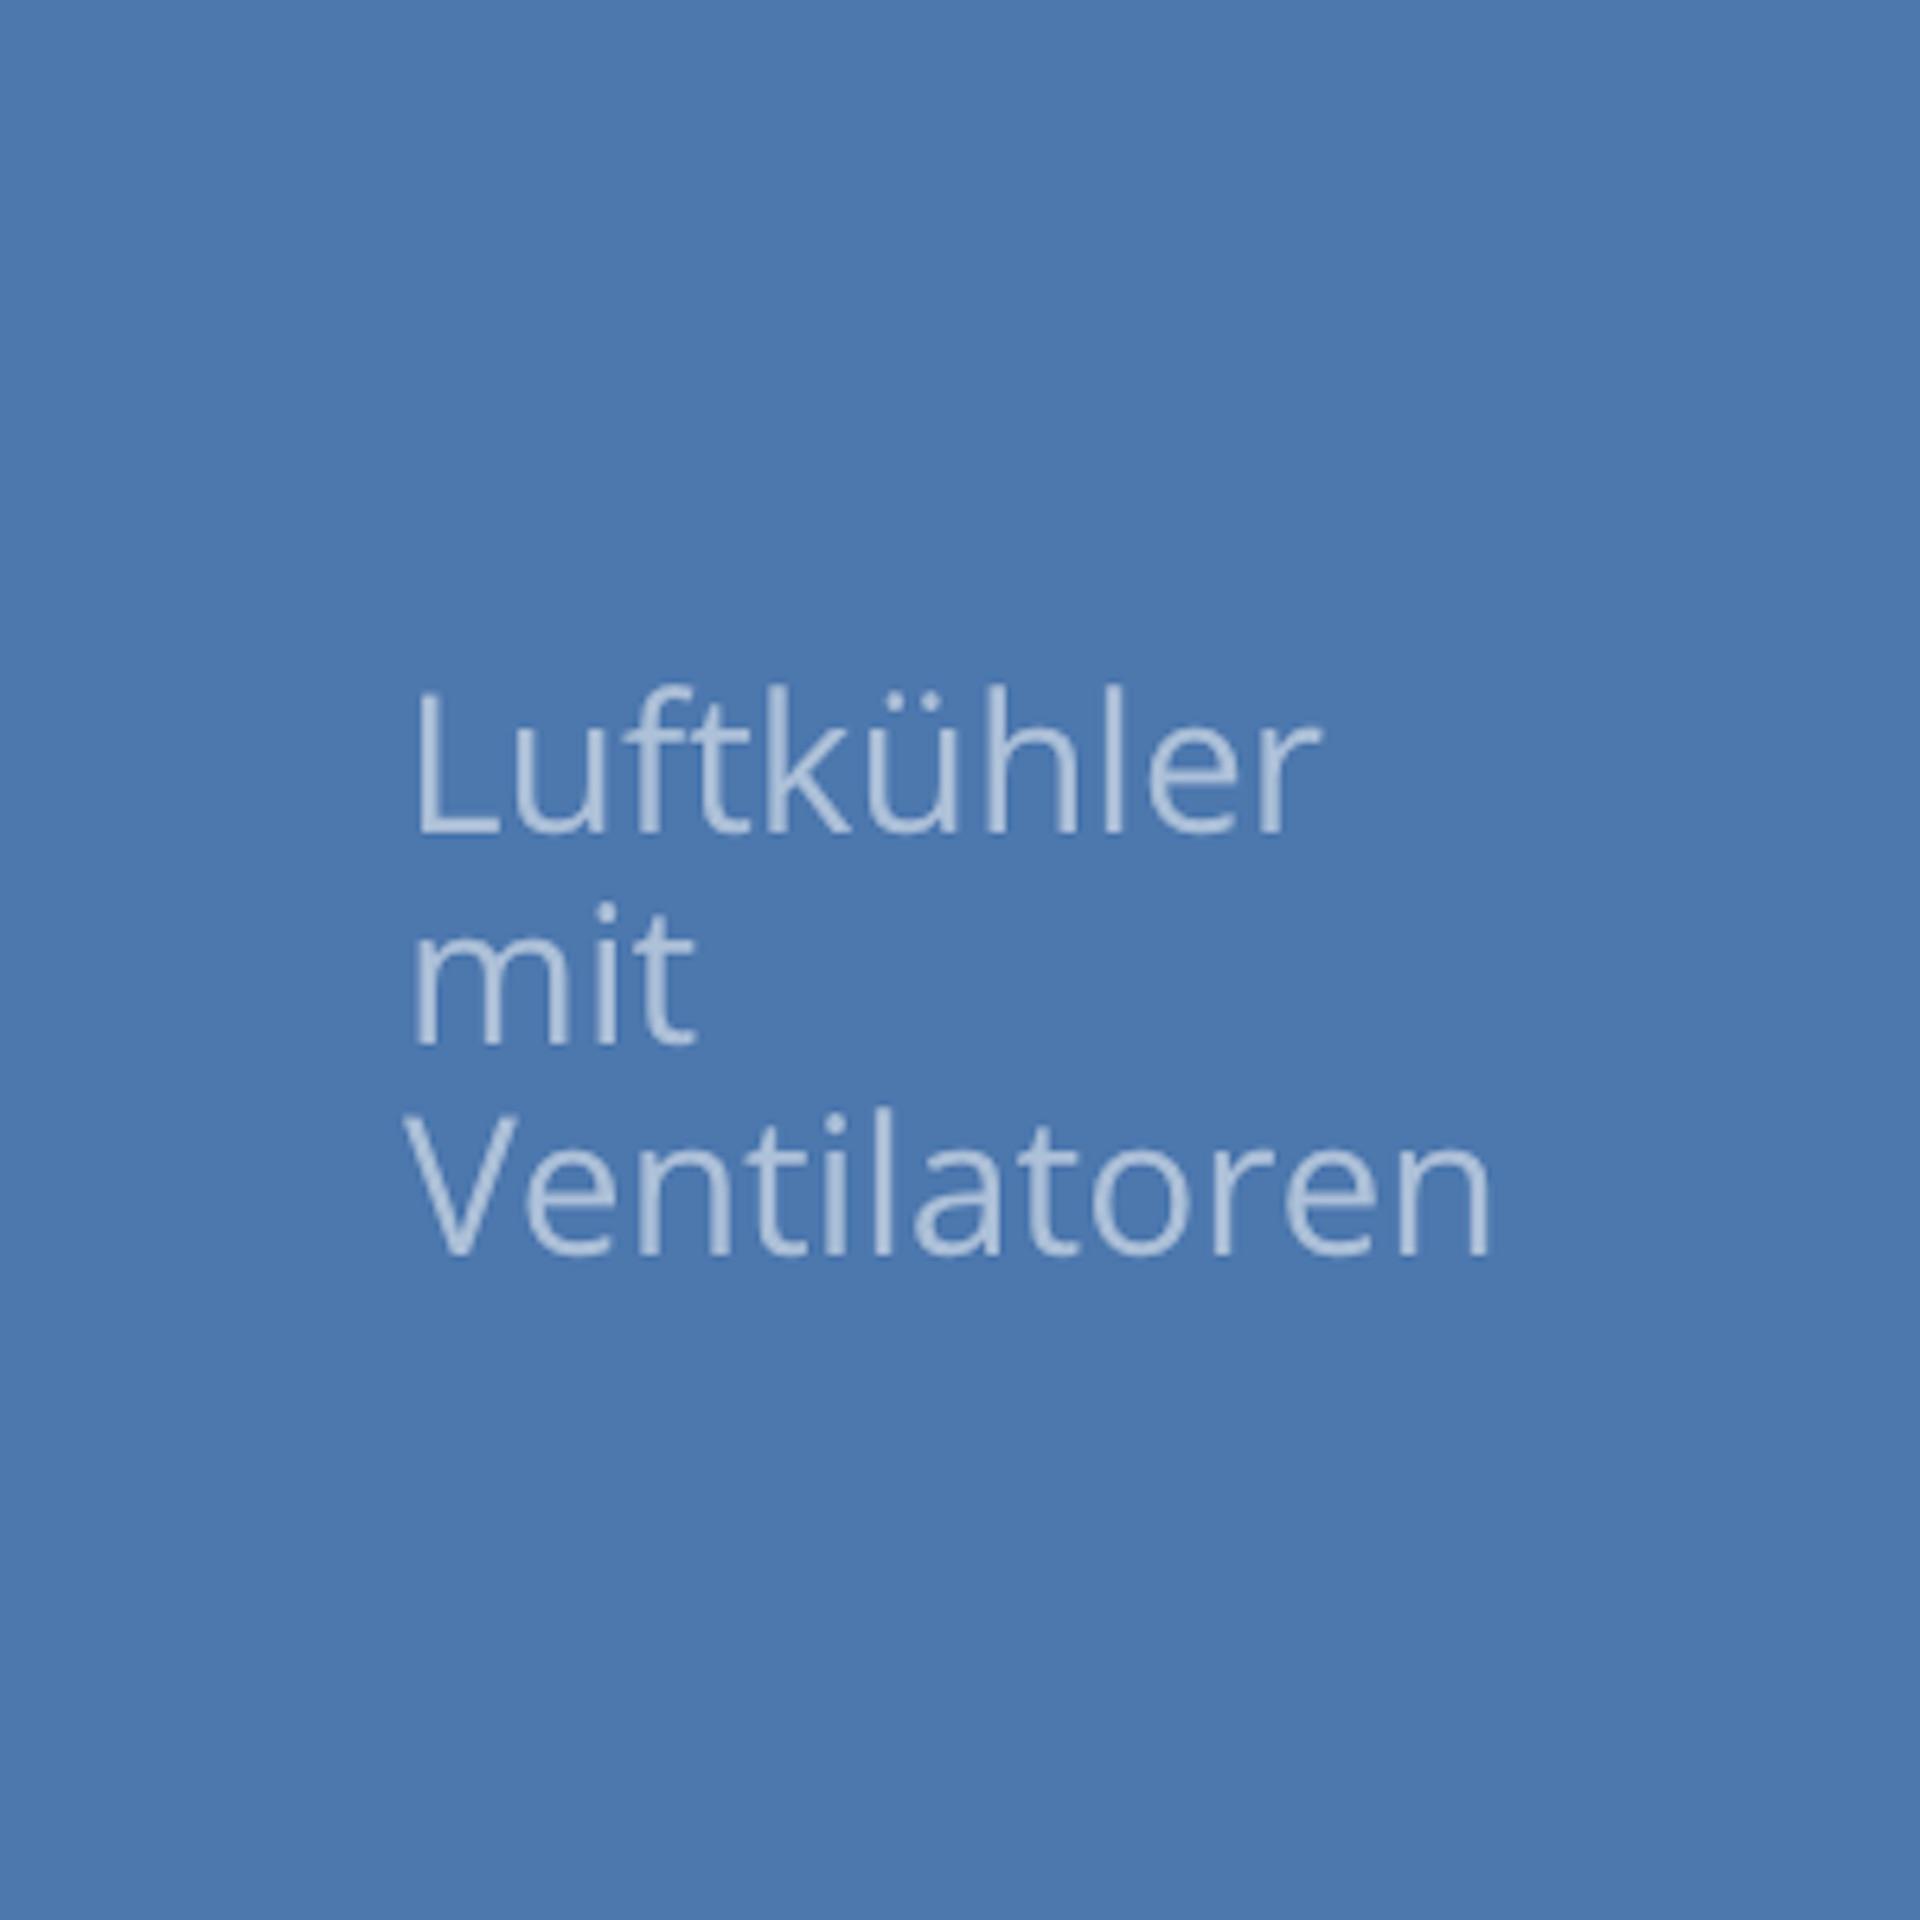 GWA_Luftkuehler_mit_Ventilatoren_Gesellschaft_fuer_Waerme_und_Anlagentechnik